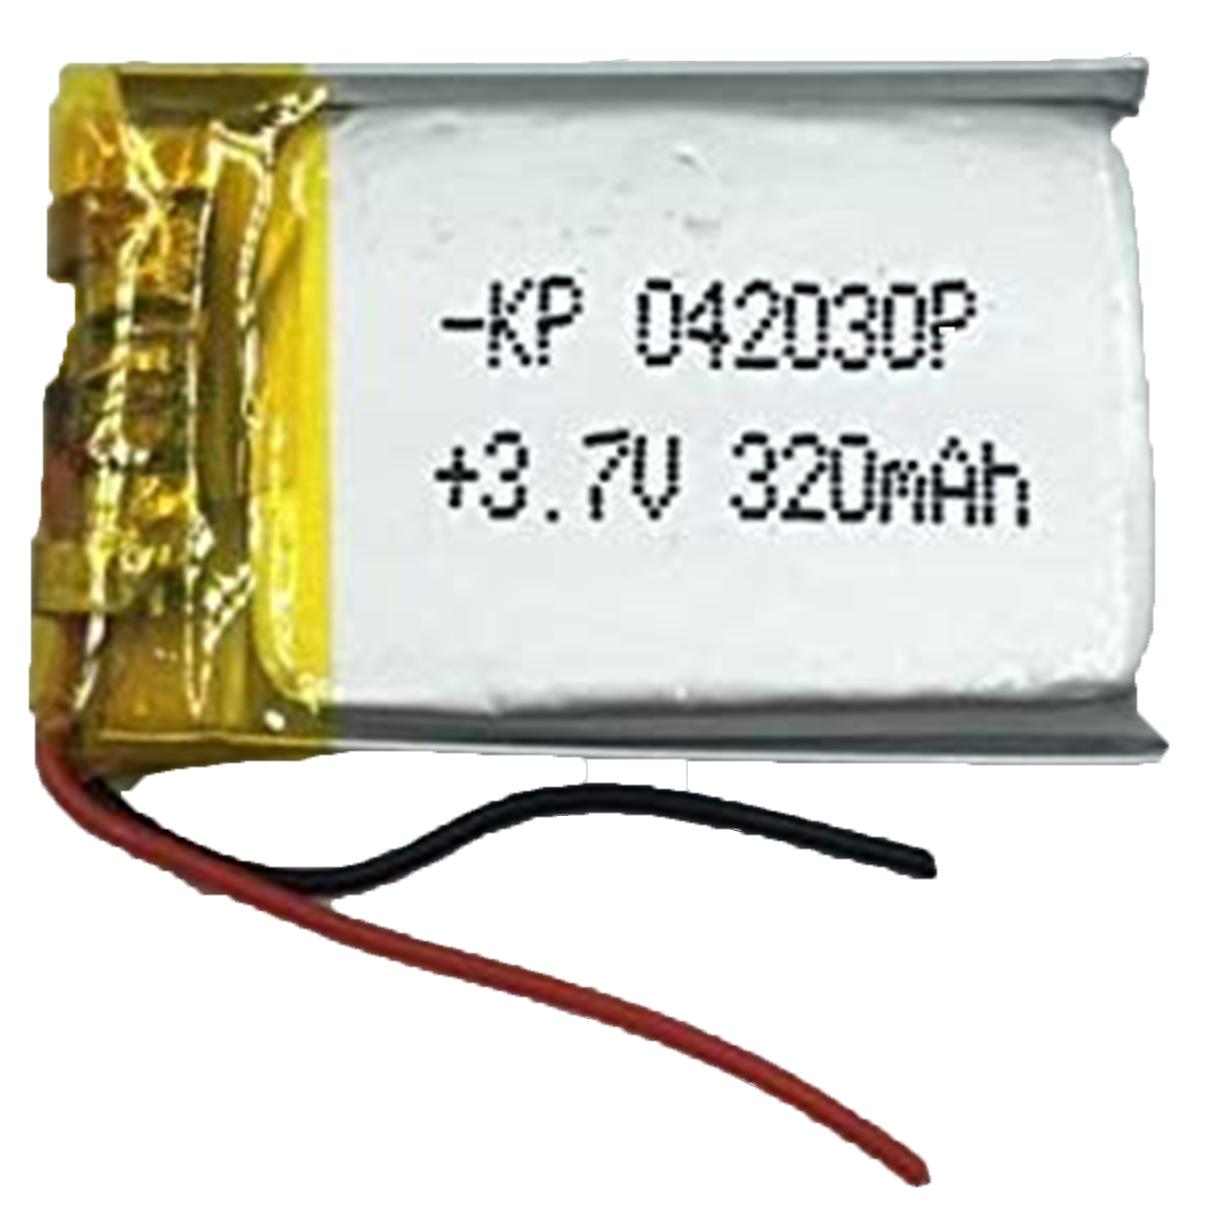 ΜΠΑΤΑΡΙΑ LIPO 3.7V 320Mah (042030p)